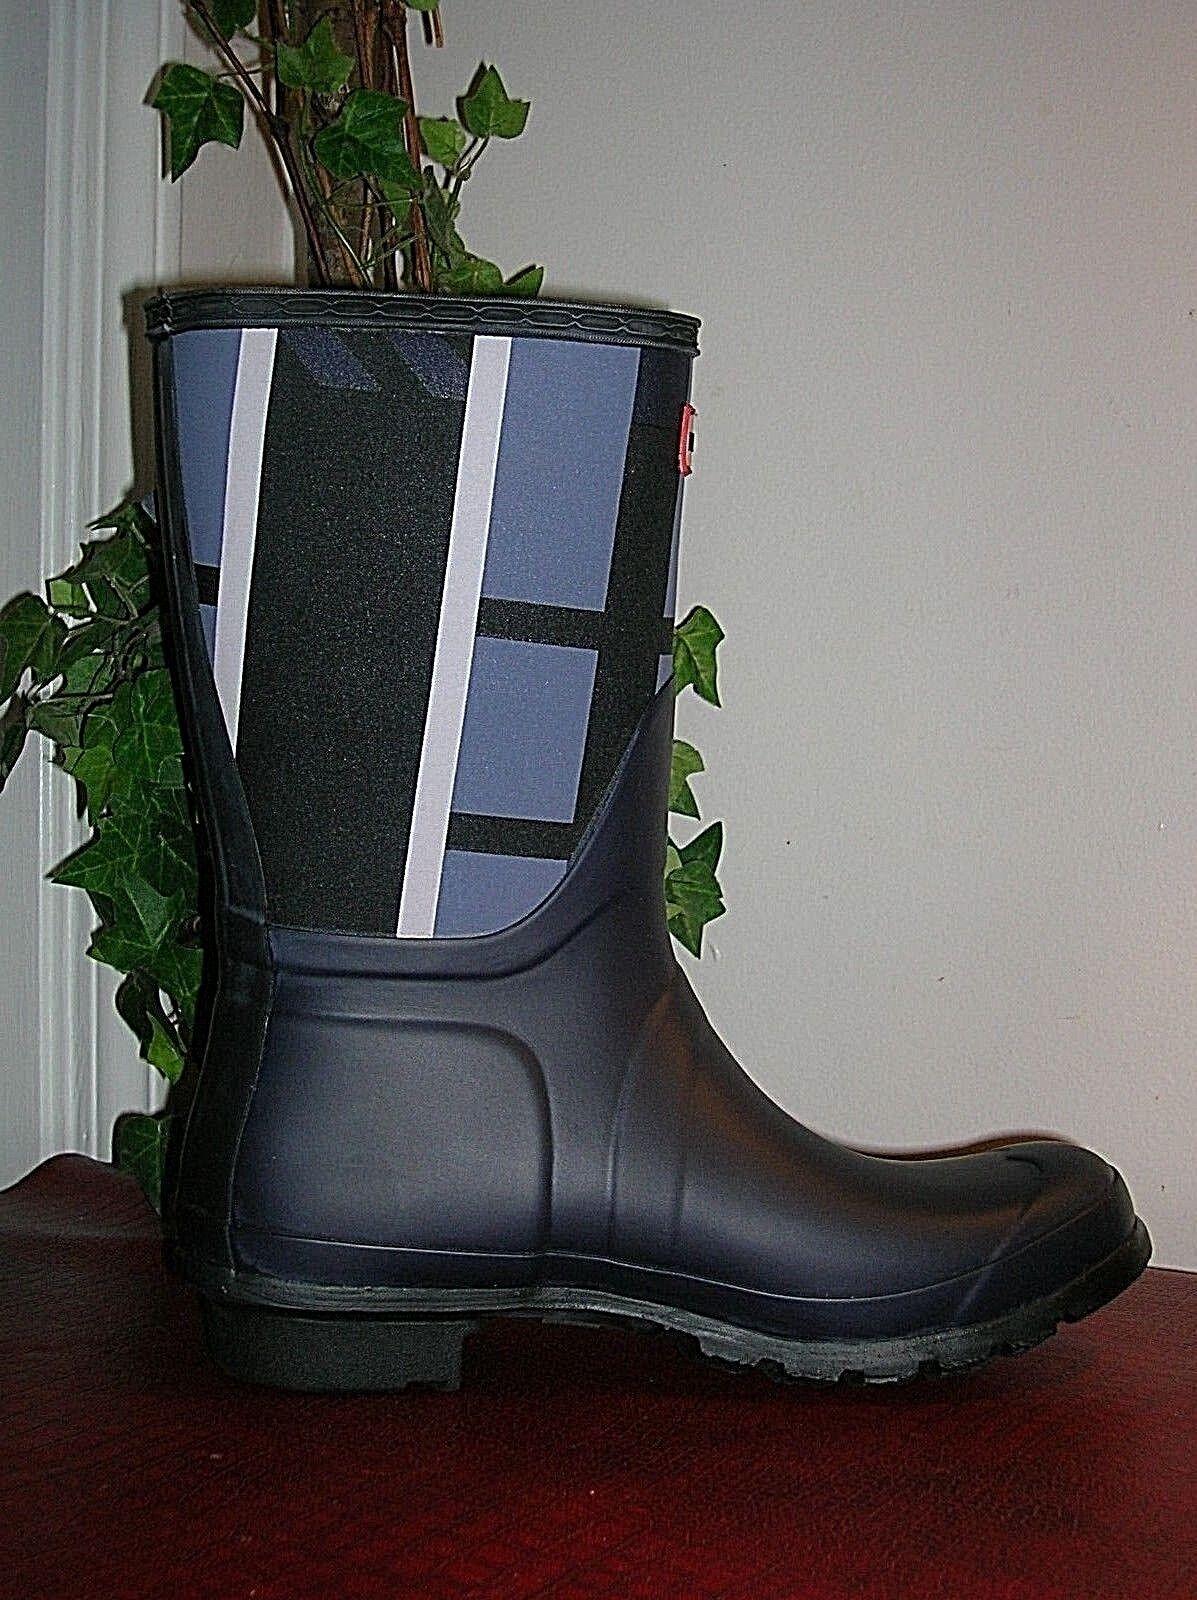 Hunter botas De Goma Azul Mineral doblado Corto botas para para para mujer Talla 7 de EE. UU. nuevo  oferta especial